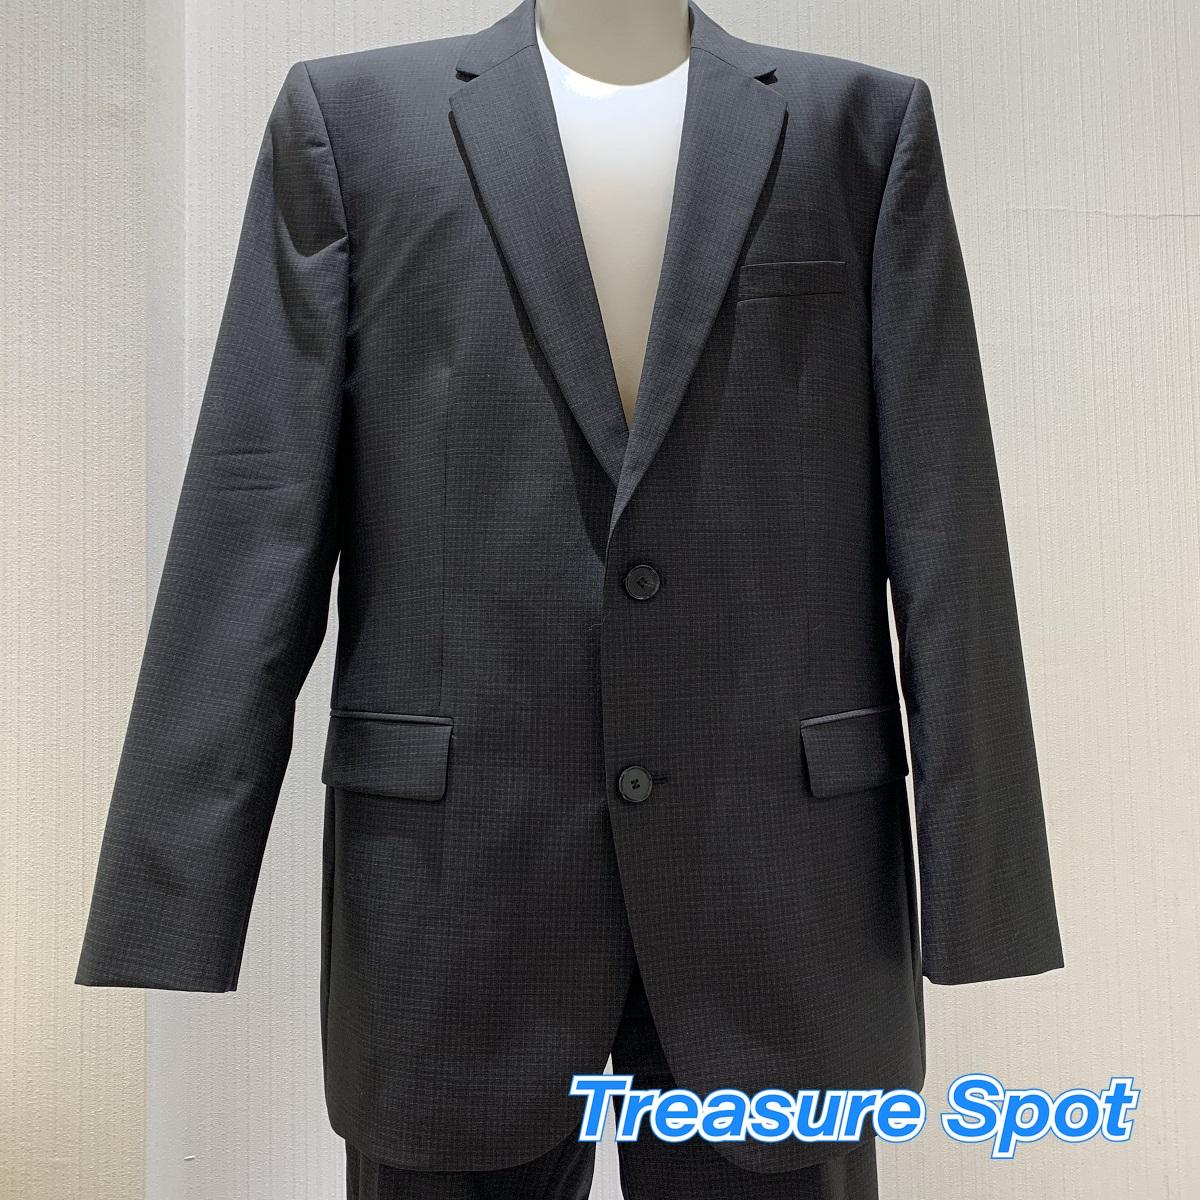 ヒューゴボス HUGO BOSS スーツ ジャケット パンツ チャコールグレー チェック ウール 【トレジャースポット】【中古】